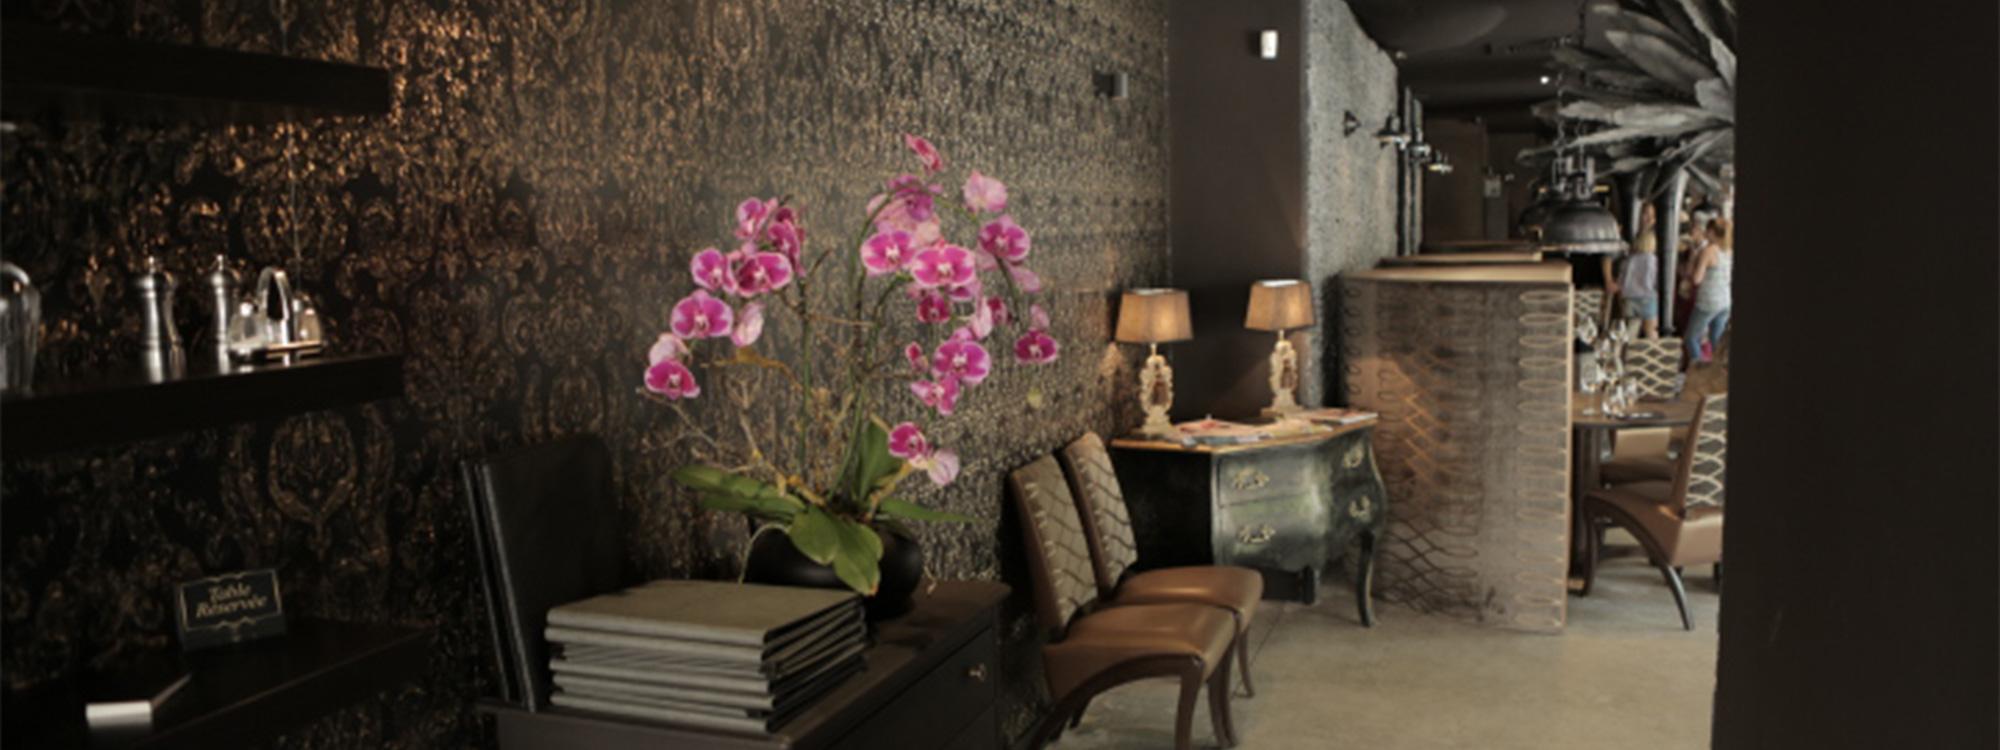 Restaurant Villa Vauban Dijon